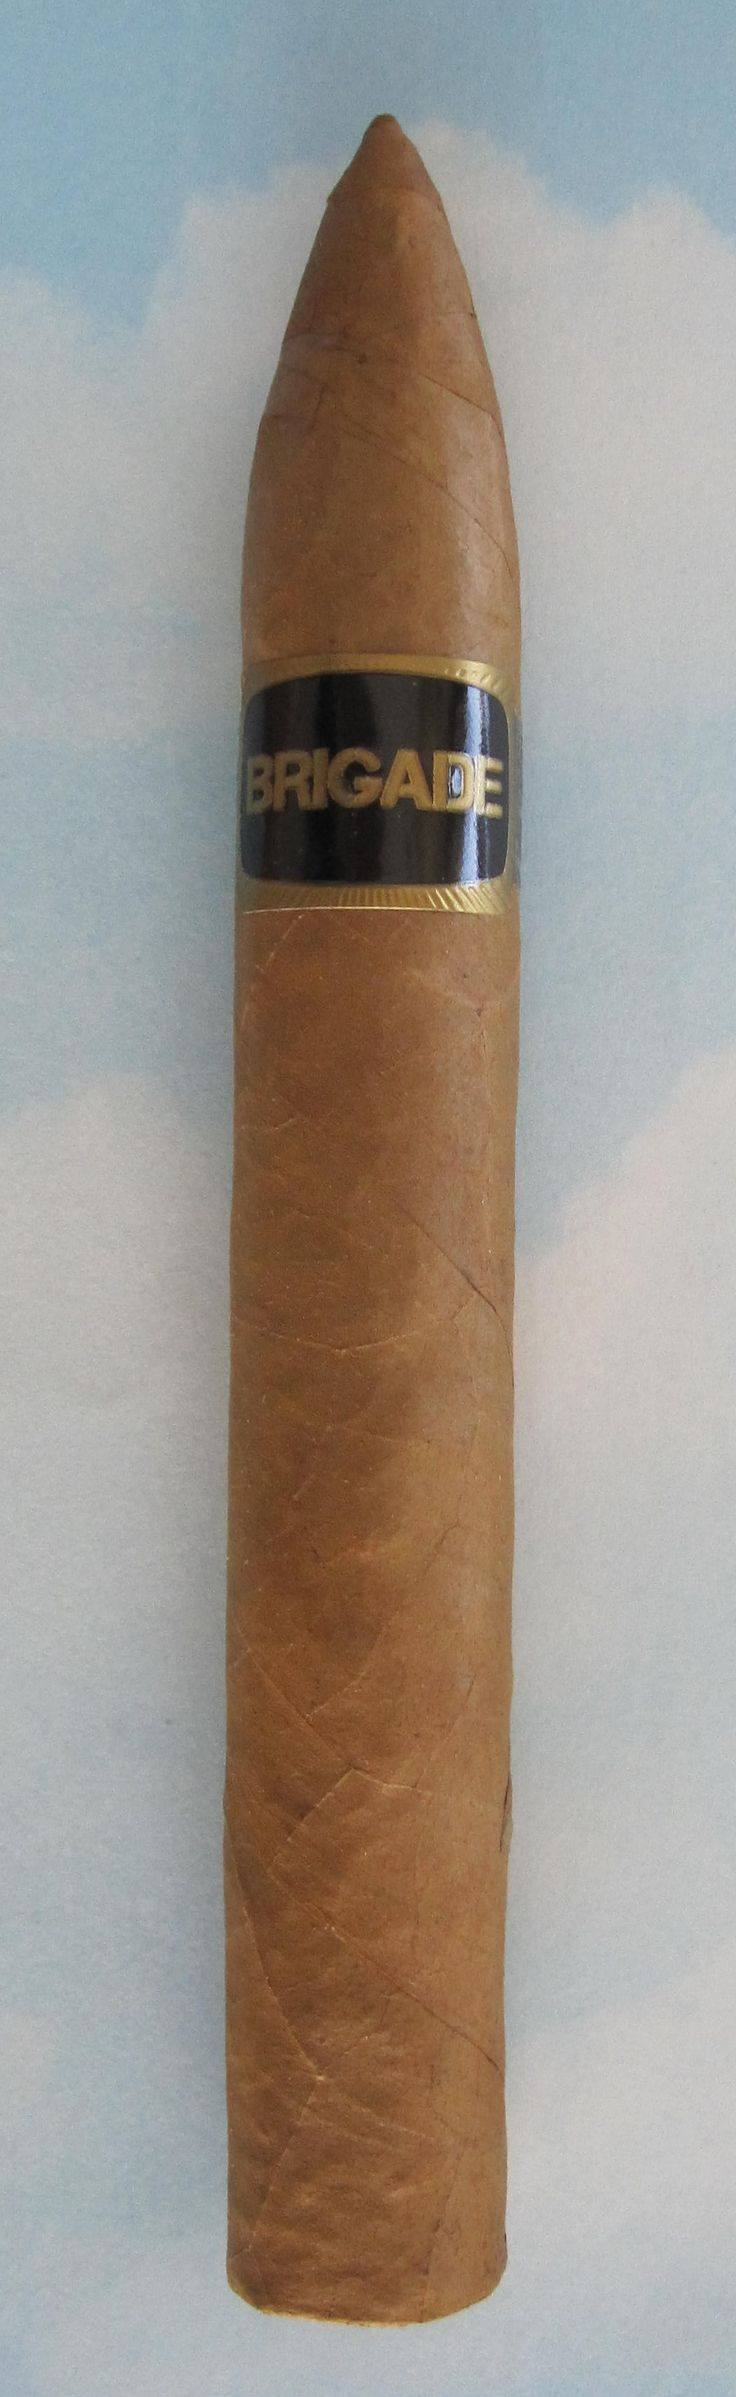 Review of Torano Brigade Cigars: http://www.cigarczars.com/review/cheap-cigars.htm#brigade